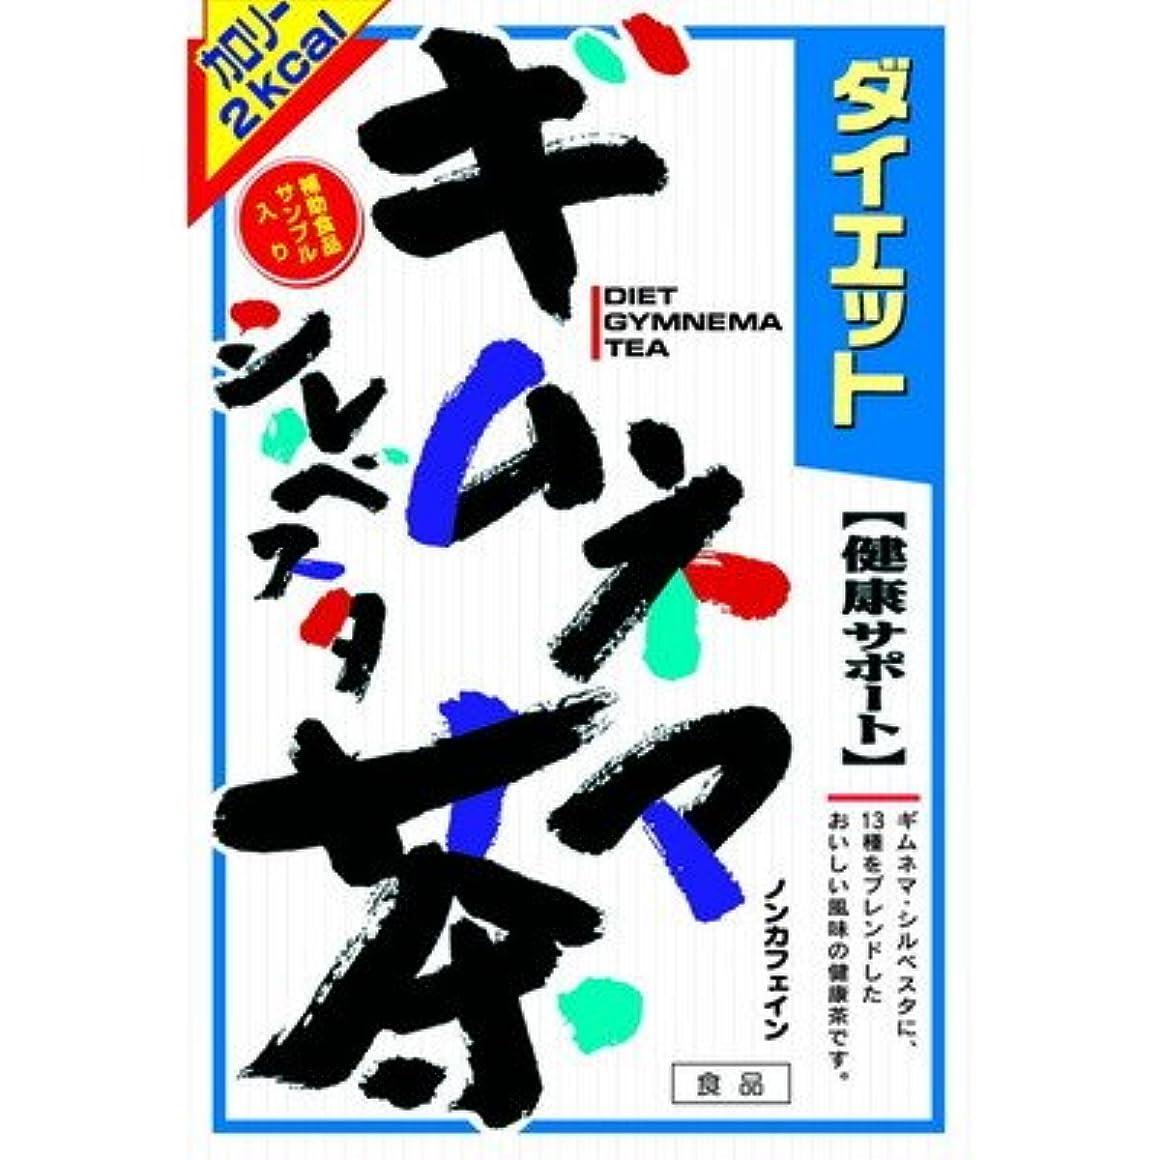 冒険病んでいるペストリー山本漢方 ダイエットギムネマシルベスタ茶 8g x 24包【2個セット】